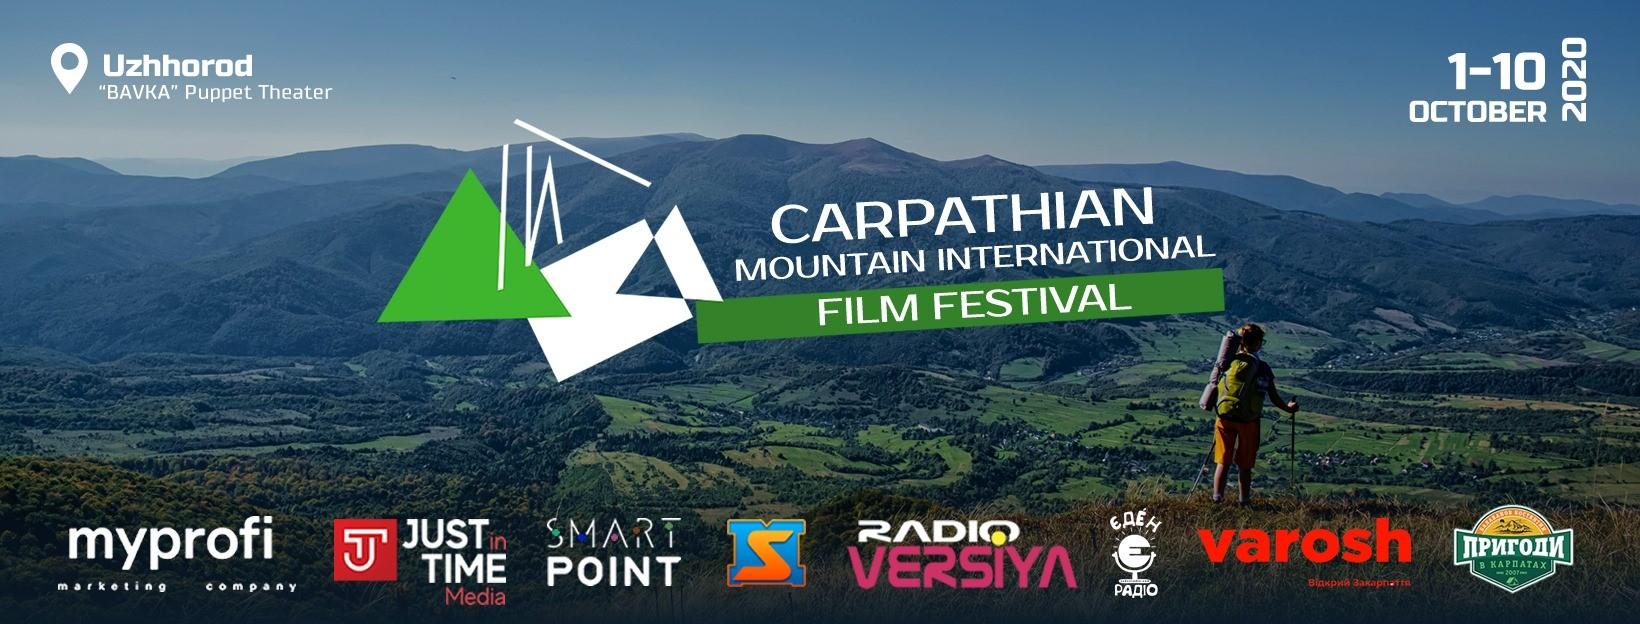 Через погодні умови заходи Карпатського гірського міжнародного кінофестивалю в Ужгороді переносять у Smart Point та онлайн